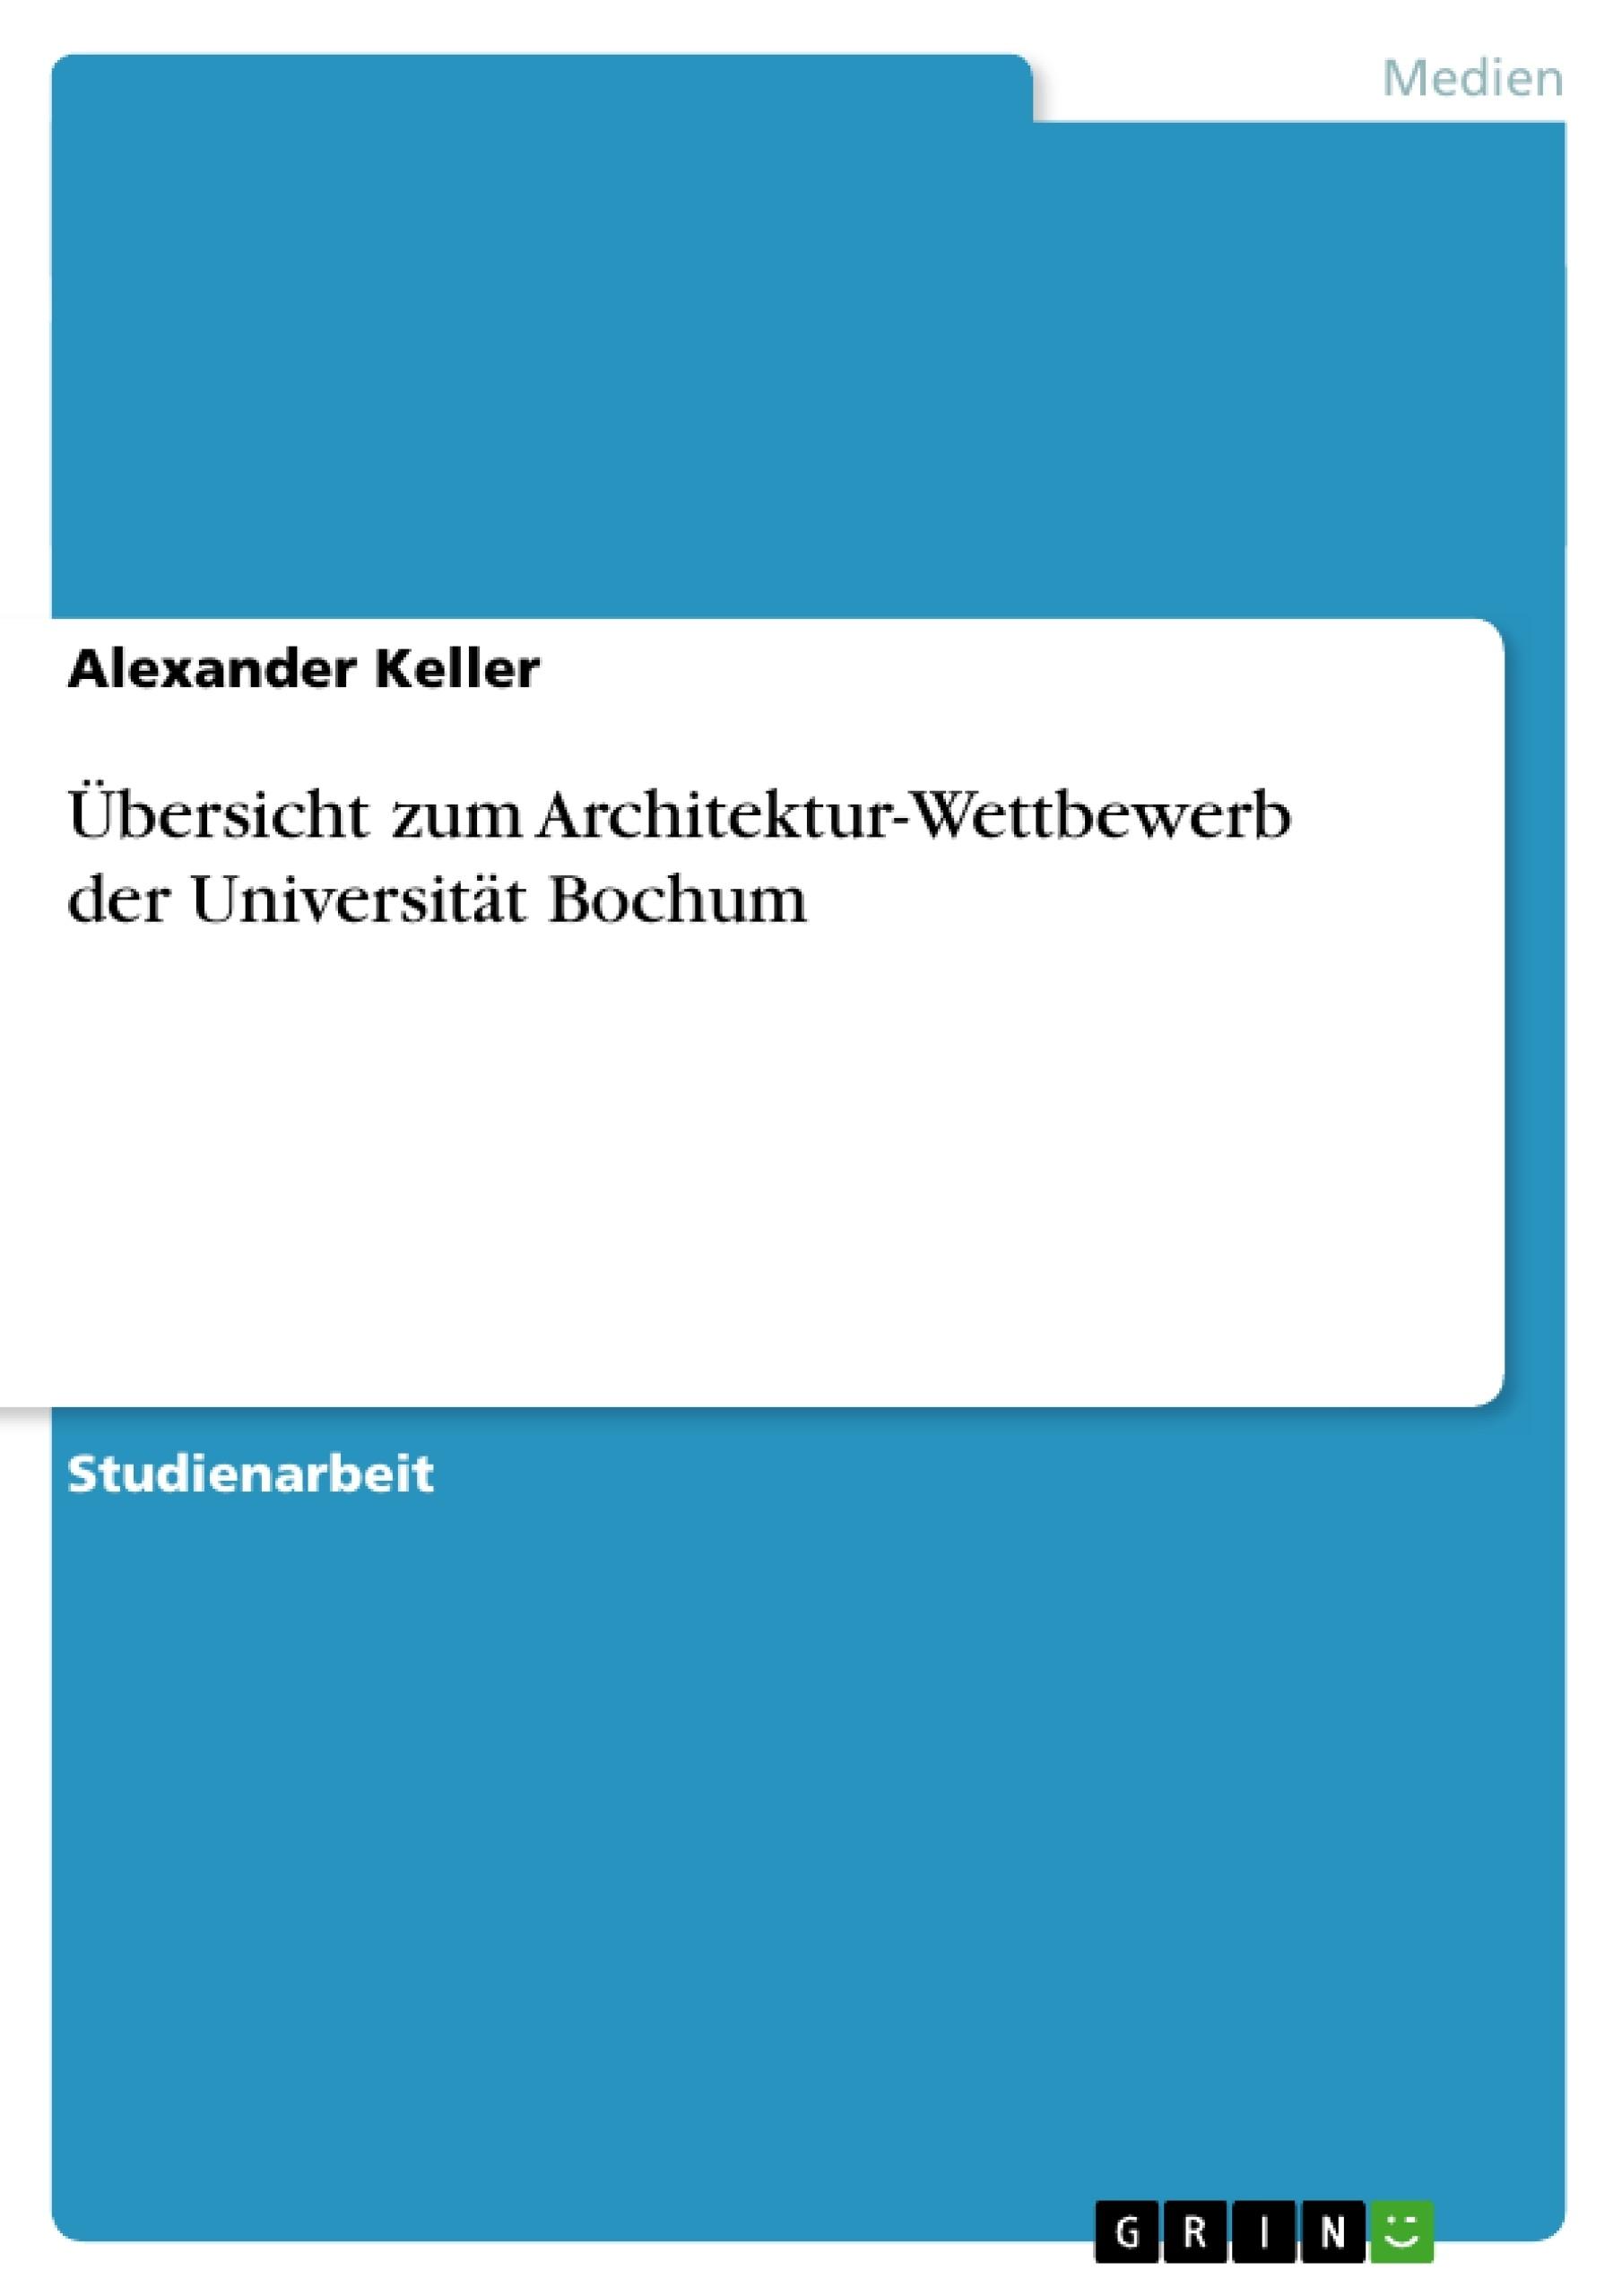 Titel: Übersicht zum Architektur-Wettbewerb der Universität Bochum